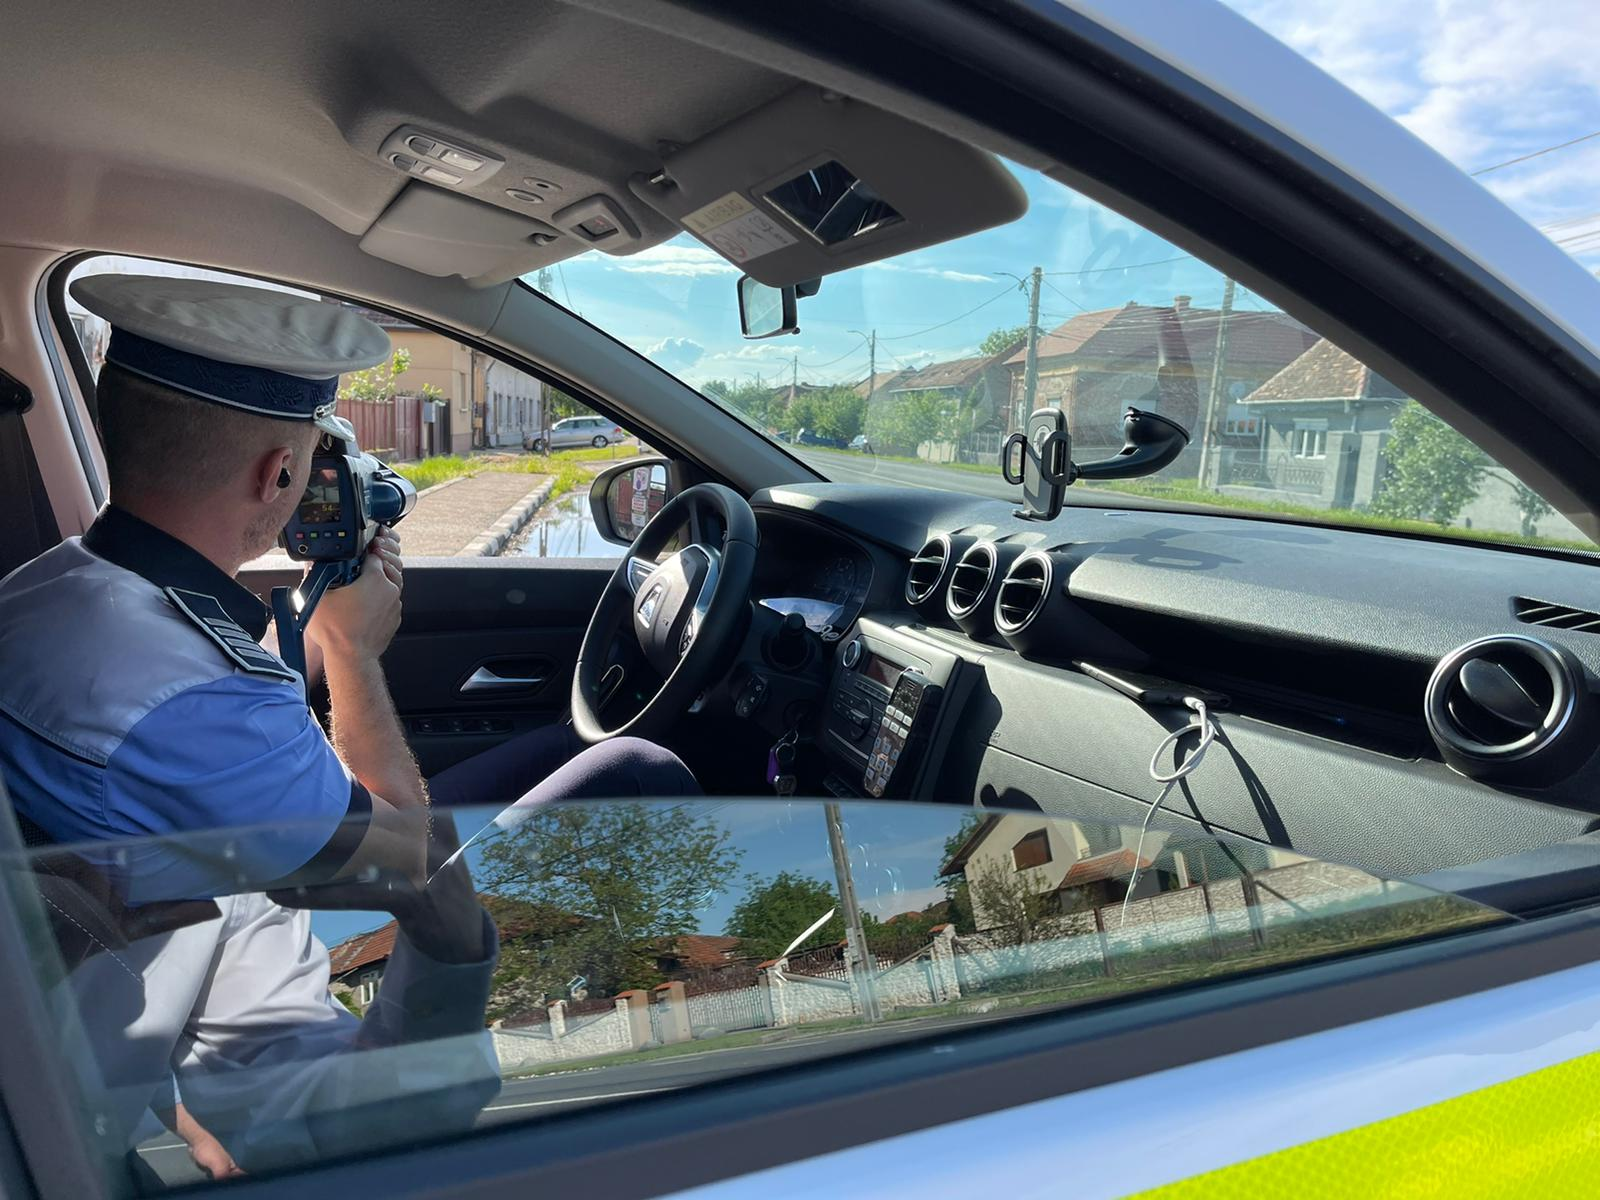 Polițiștii lugojeni au acționat pentru prevenirea accidentelor rutiere